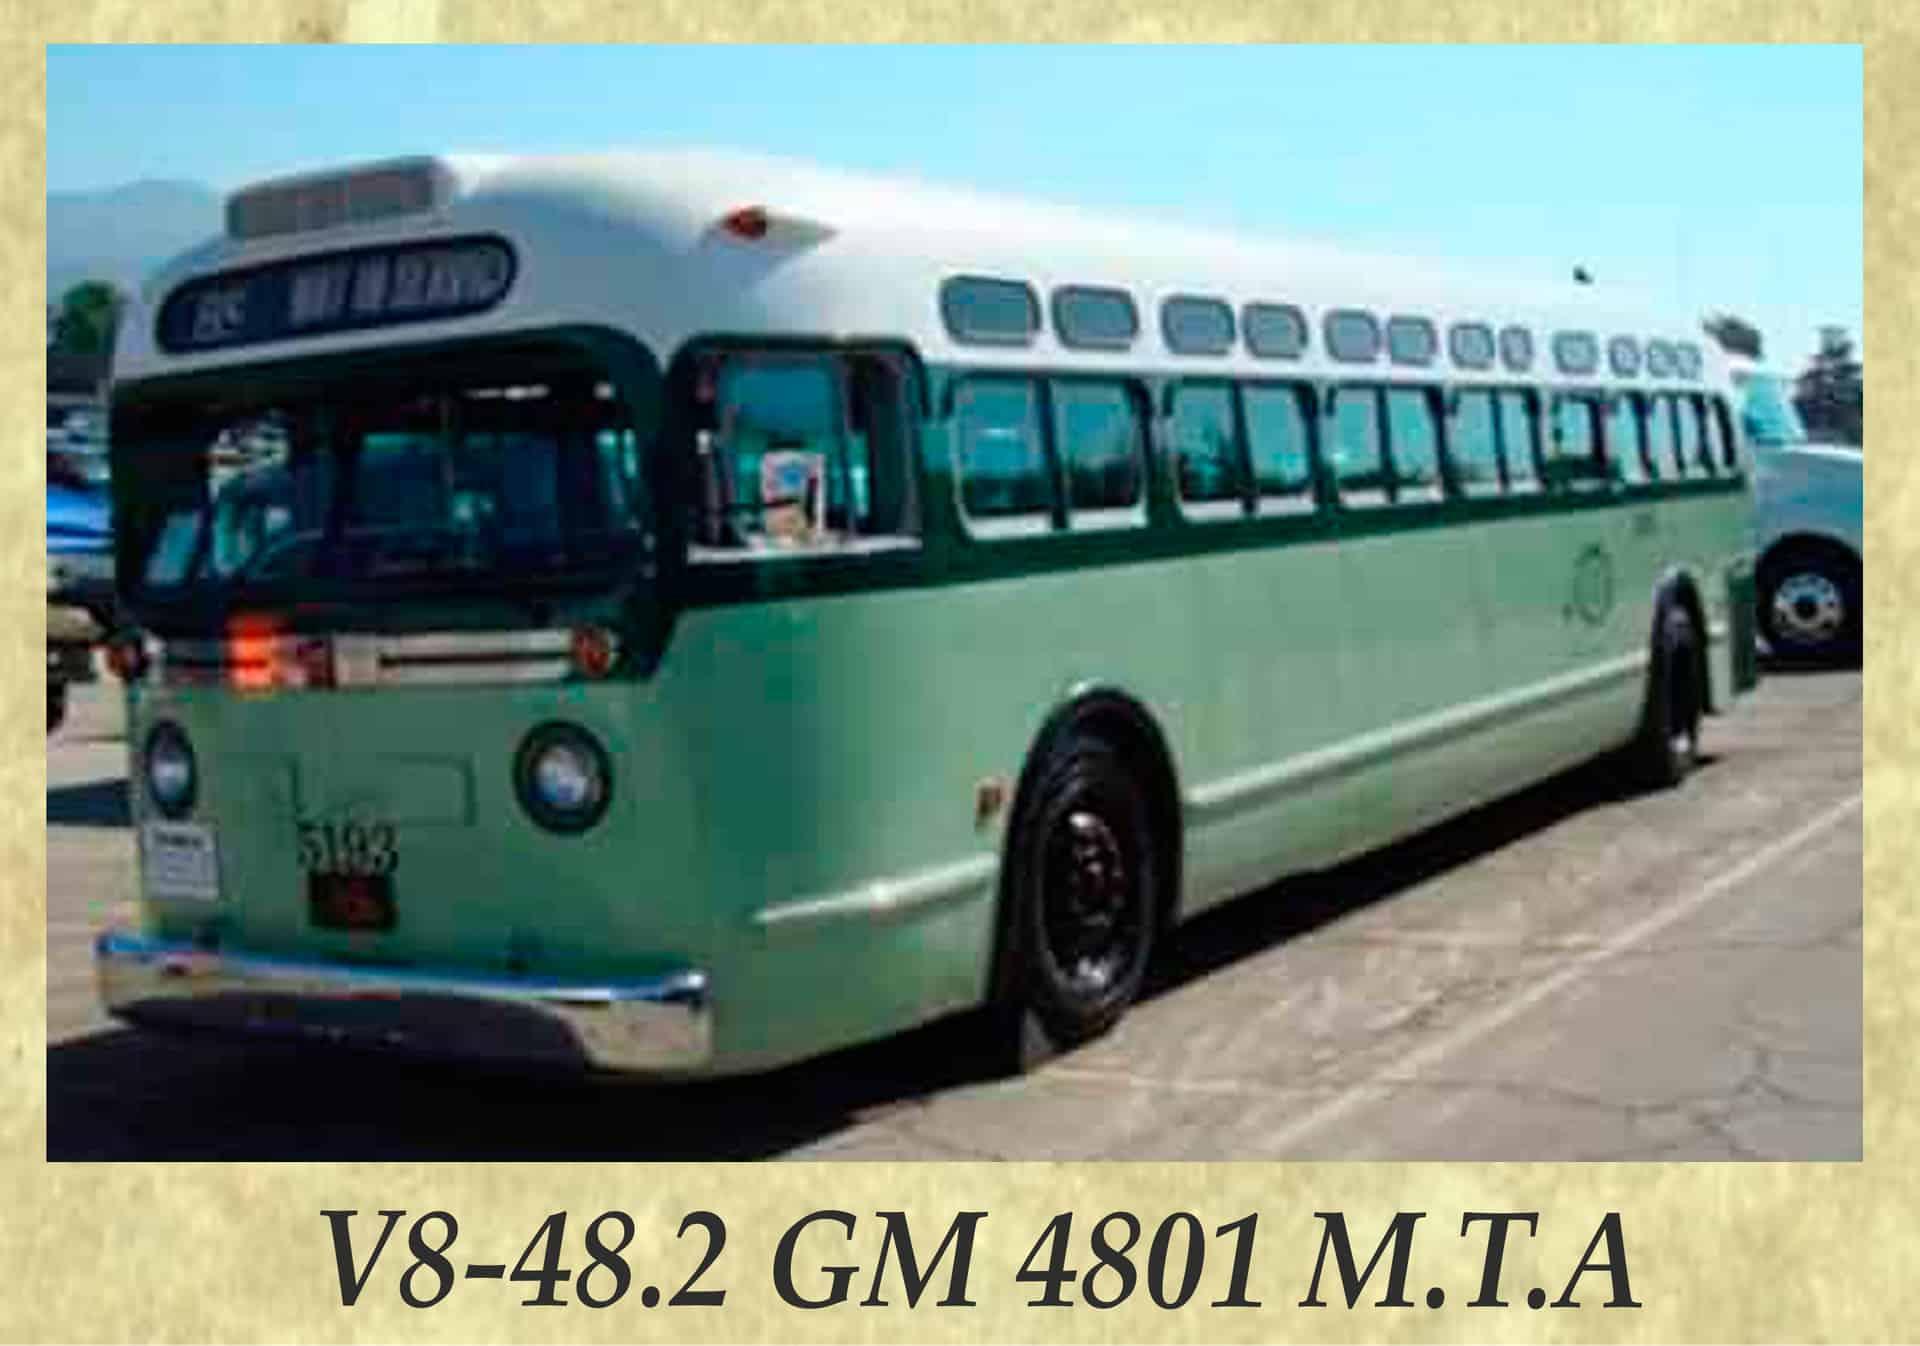 V8-48.2 GM 4801 M.T